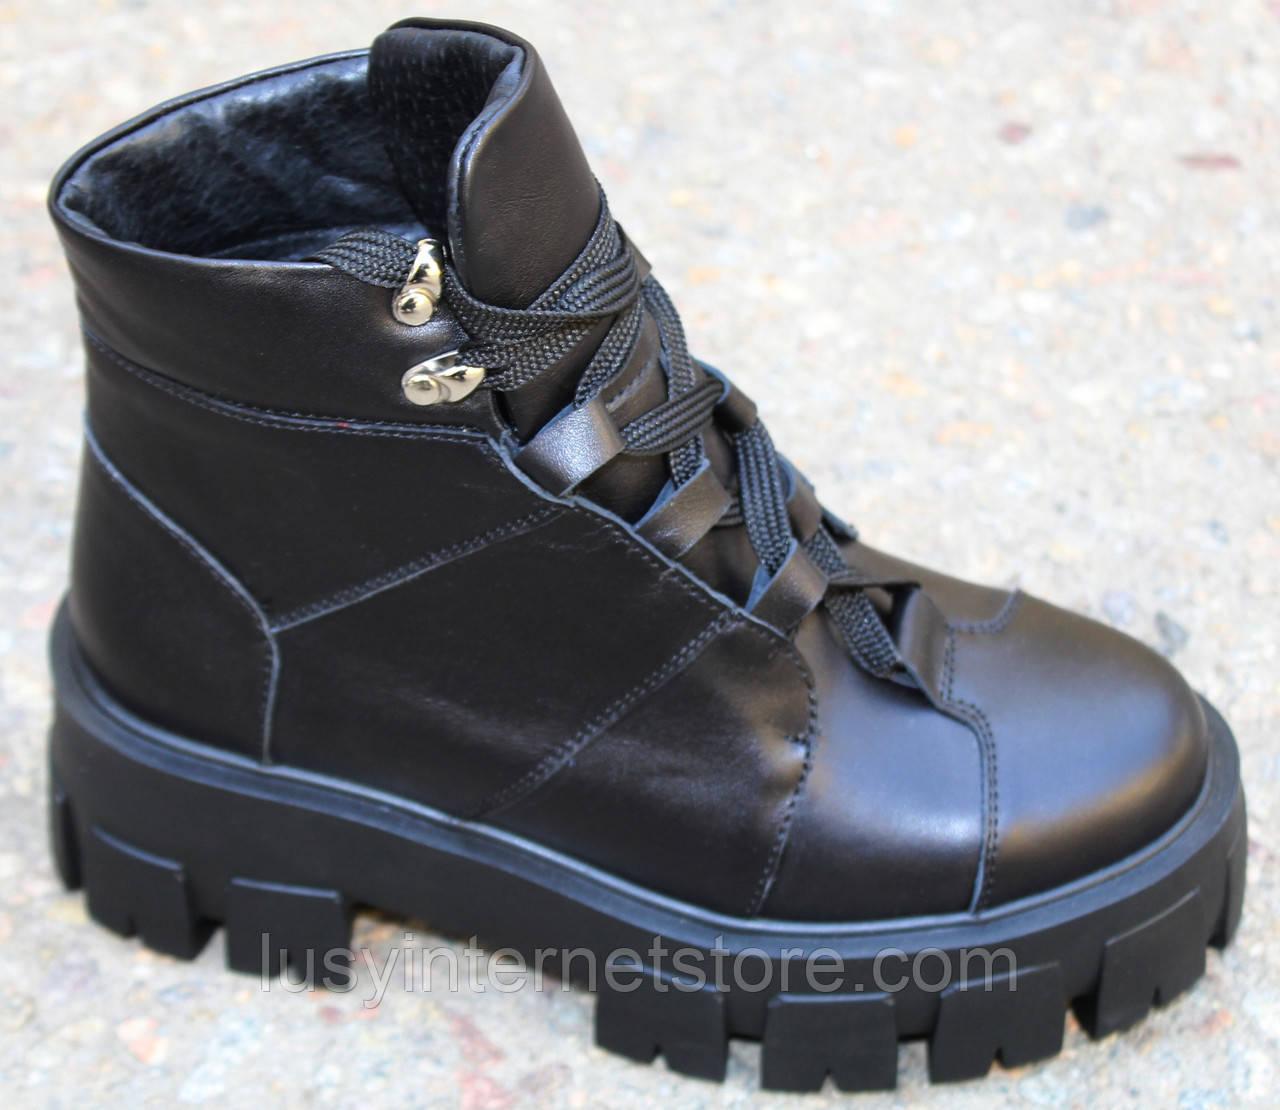 Ботинки женские кожаные на тракторной подошве от производителя модель КА110